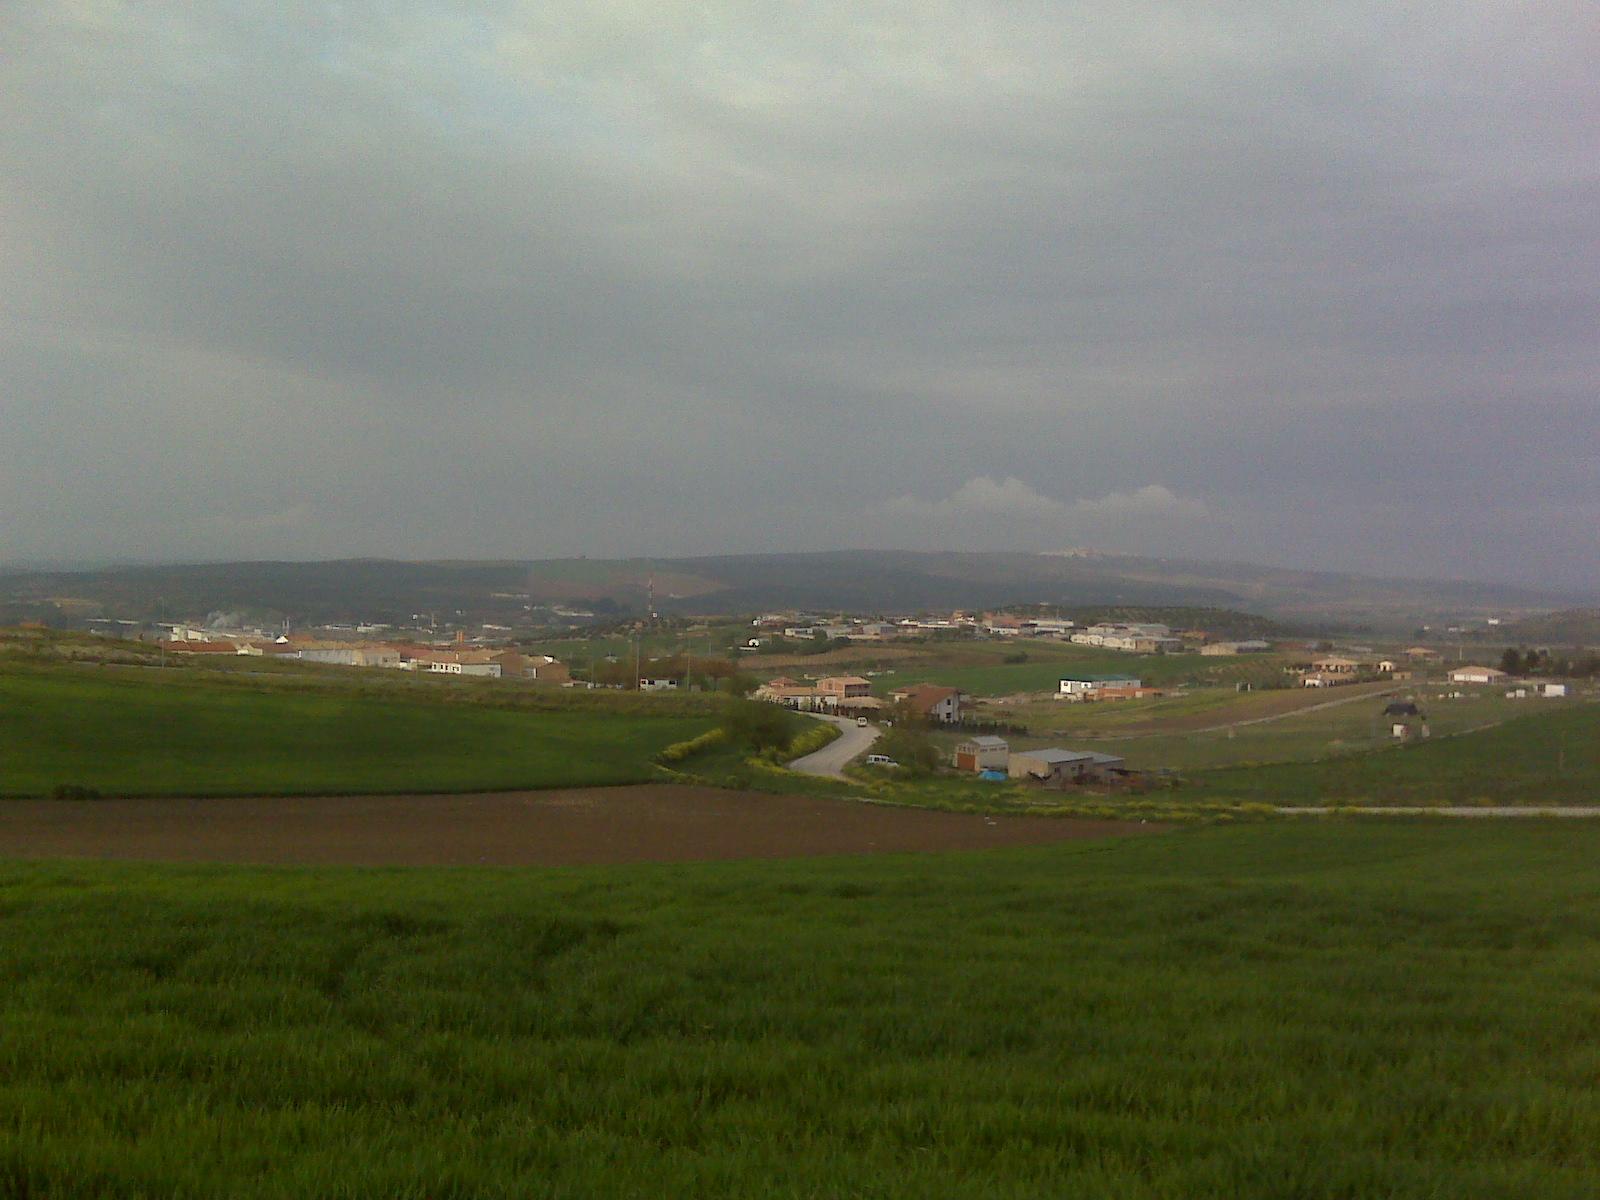 Imagen de la zona por donde discurrirá la variante, al sur de la localidad de Mengíbar.